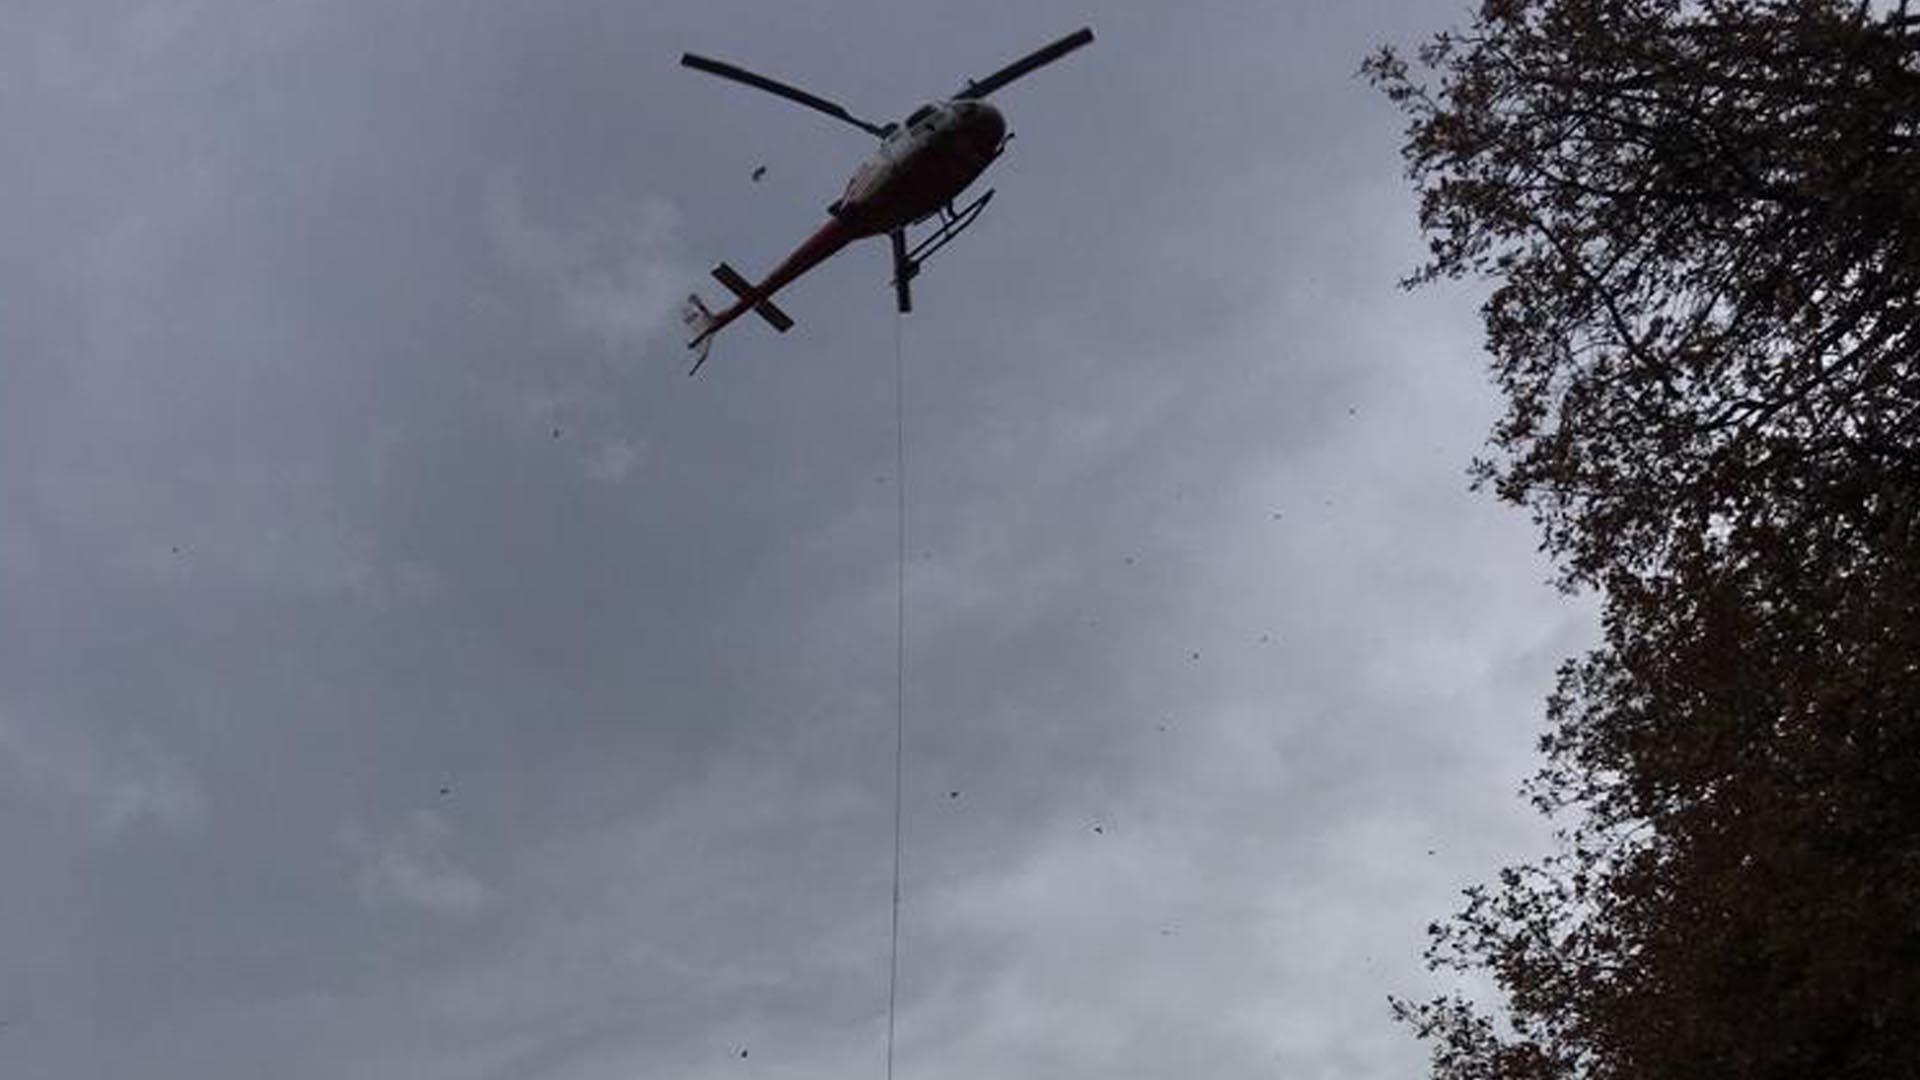 Klettersteig Unfall : Achtung gefährlicher mangel bei klettersteigsets entdeckt dav